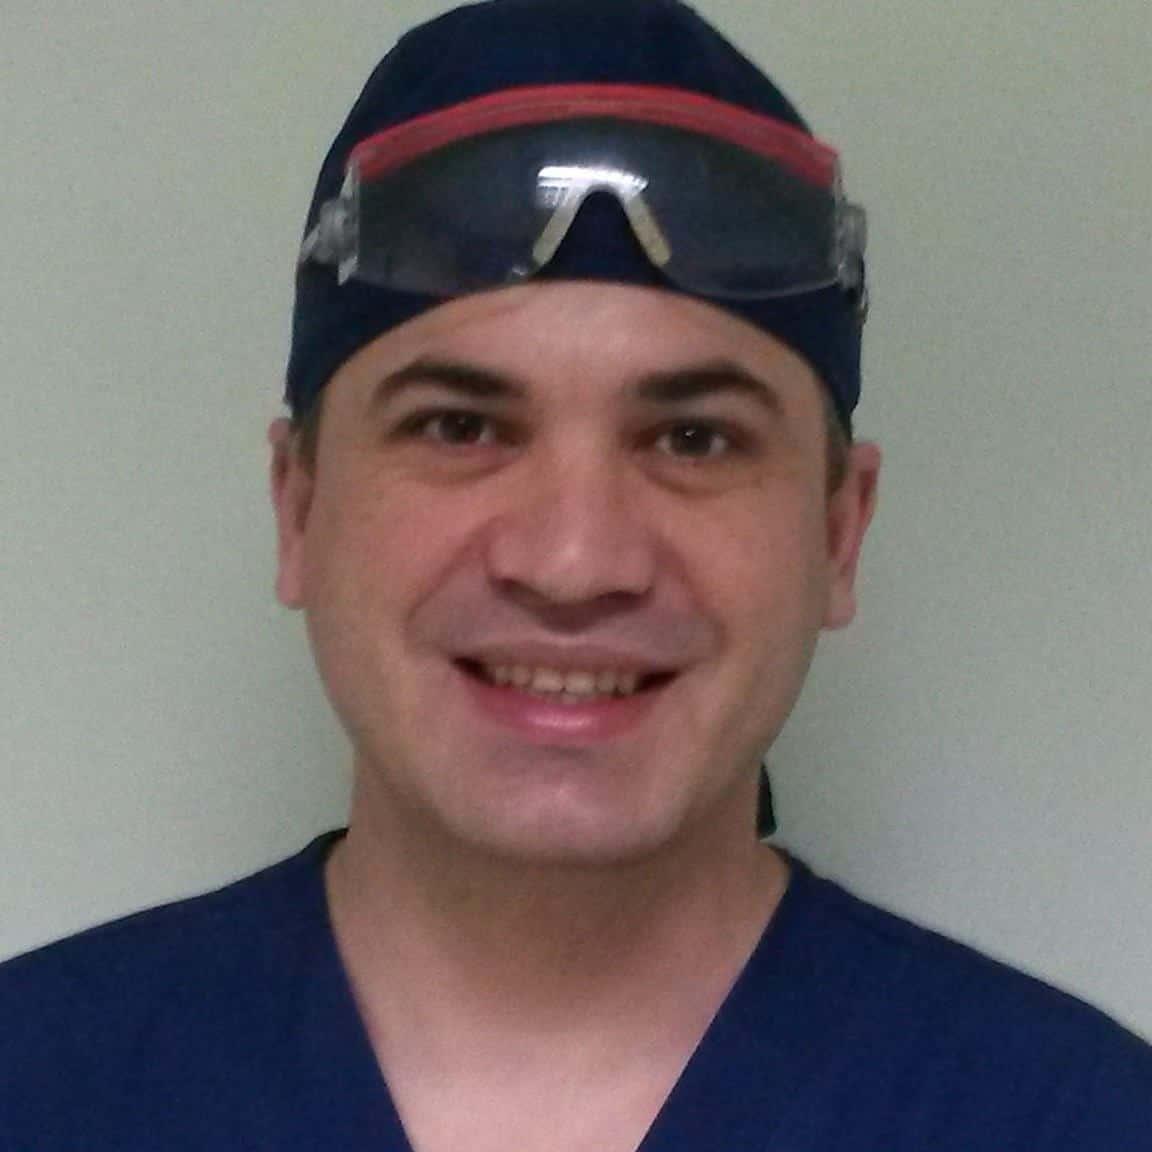 Dr. Aristide Dan